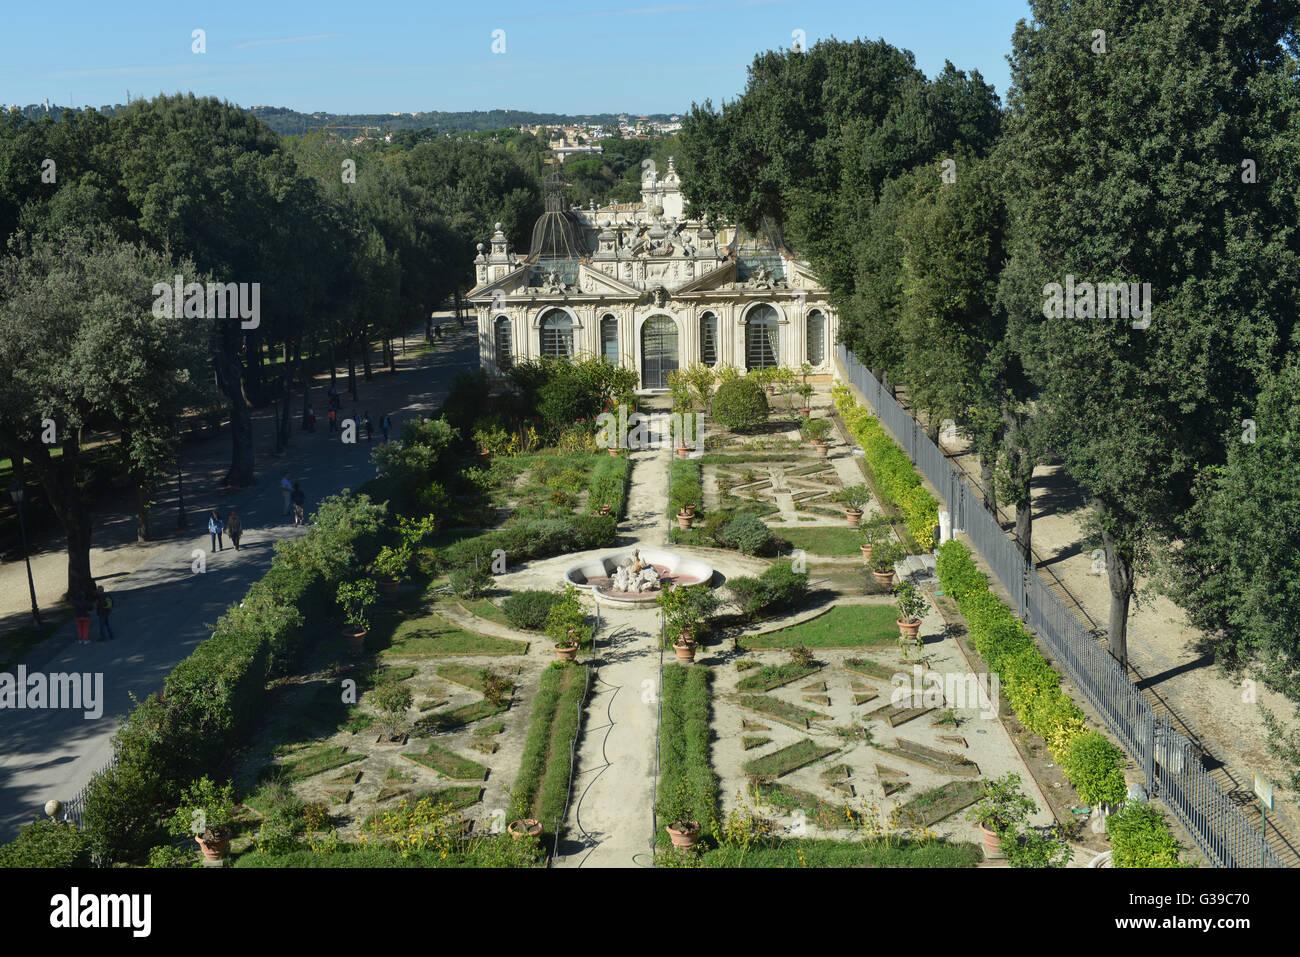 Garten giardini segreti villa borghese rom italien for Giardini per ville private